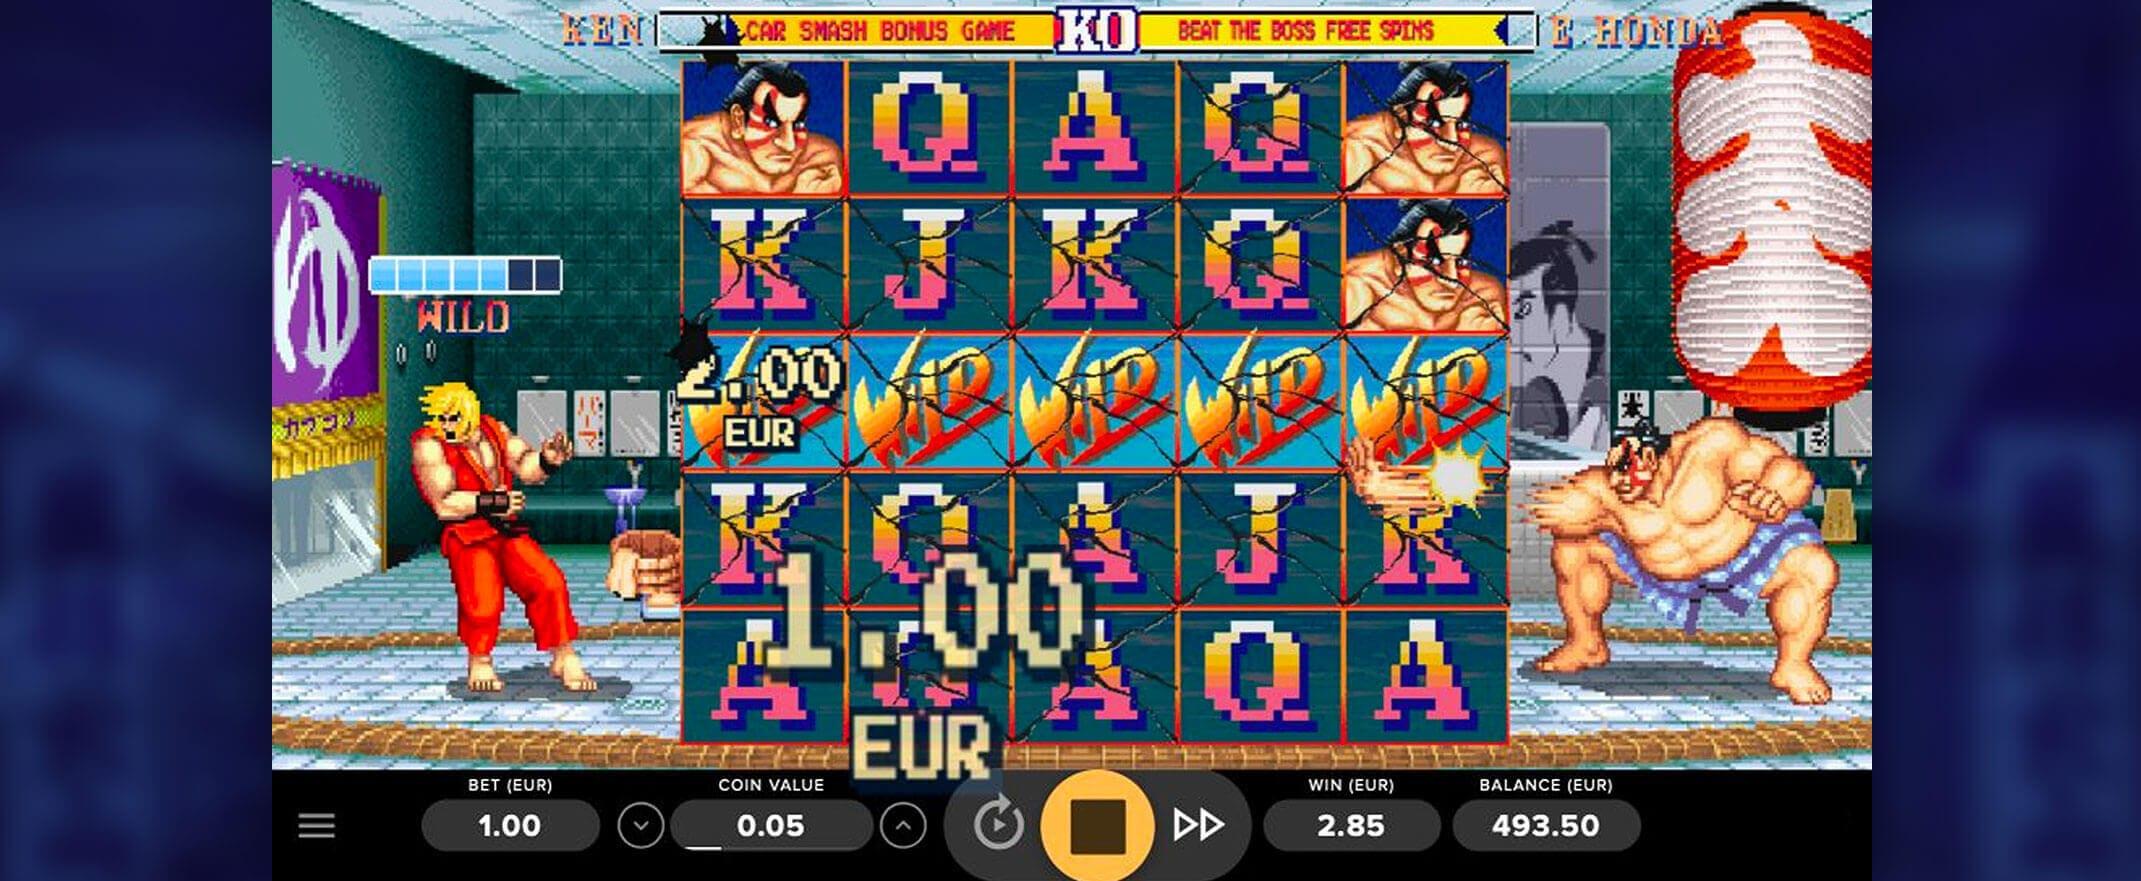 Street Fighter 2 Slot Bonus